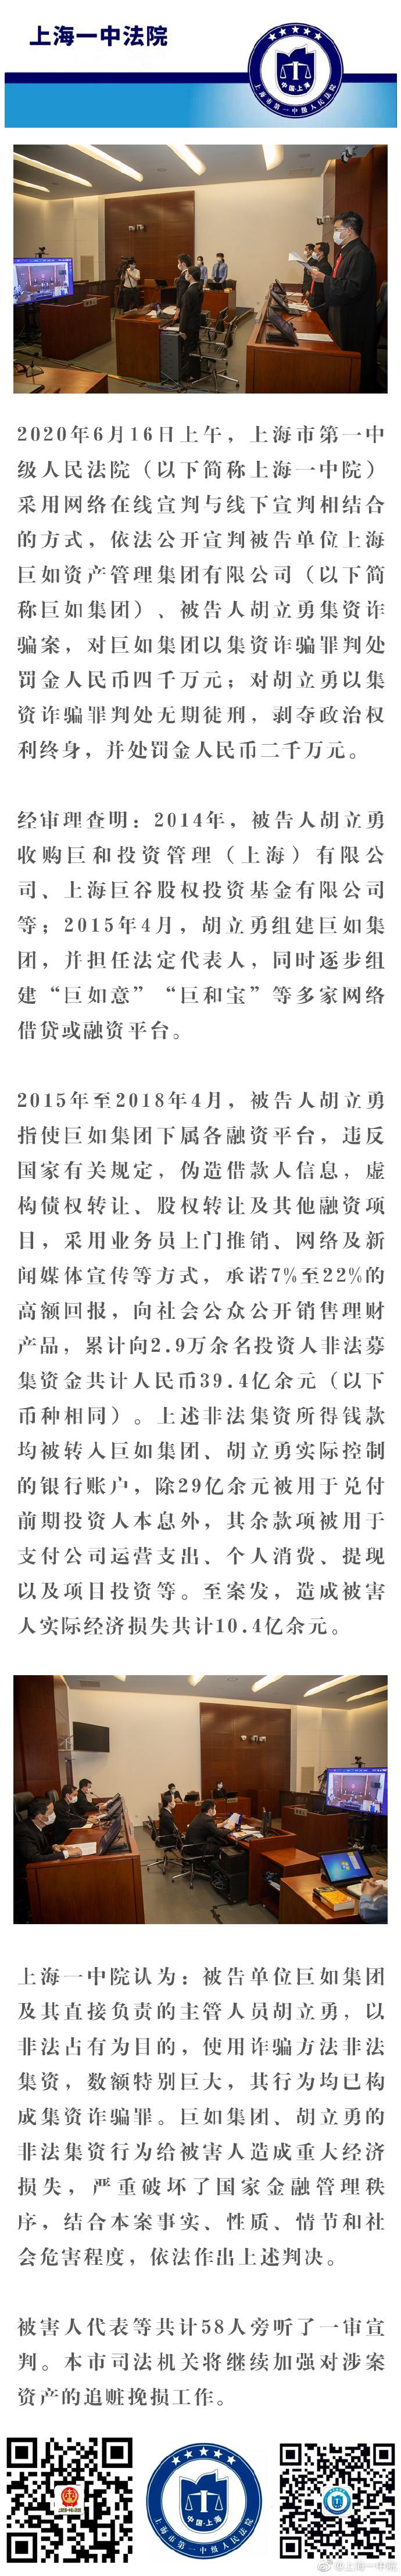 上海一中院一审公开宣判巨如集团集资诈骗案图片